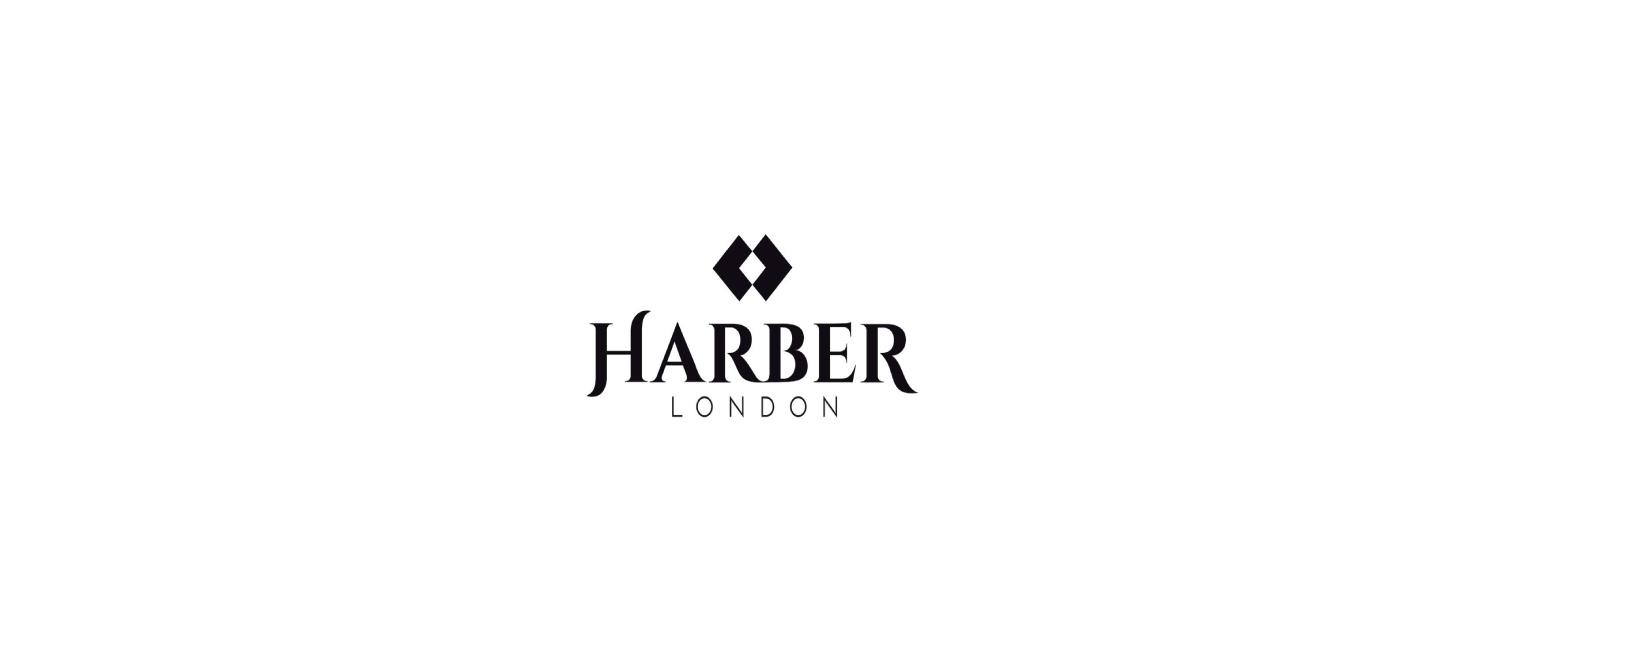 Harber London UK Discount Code 2021